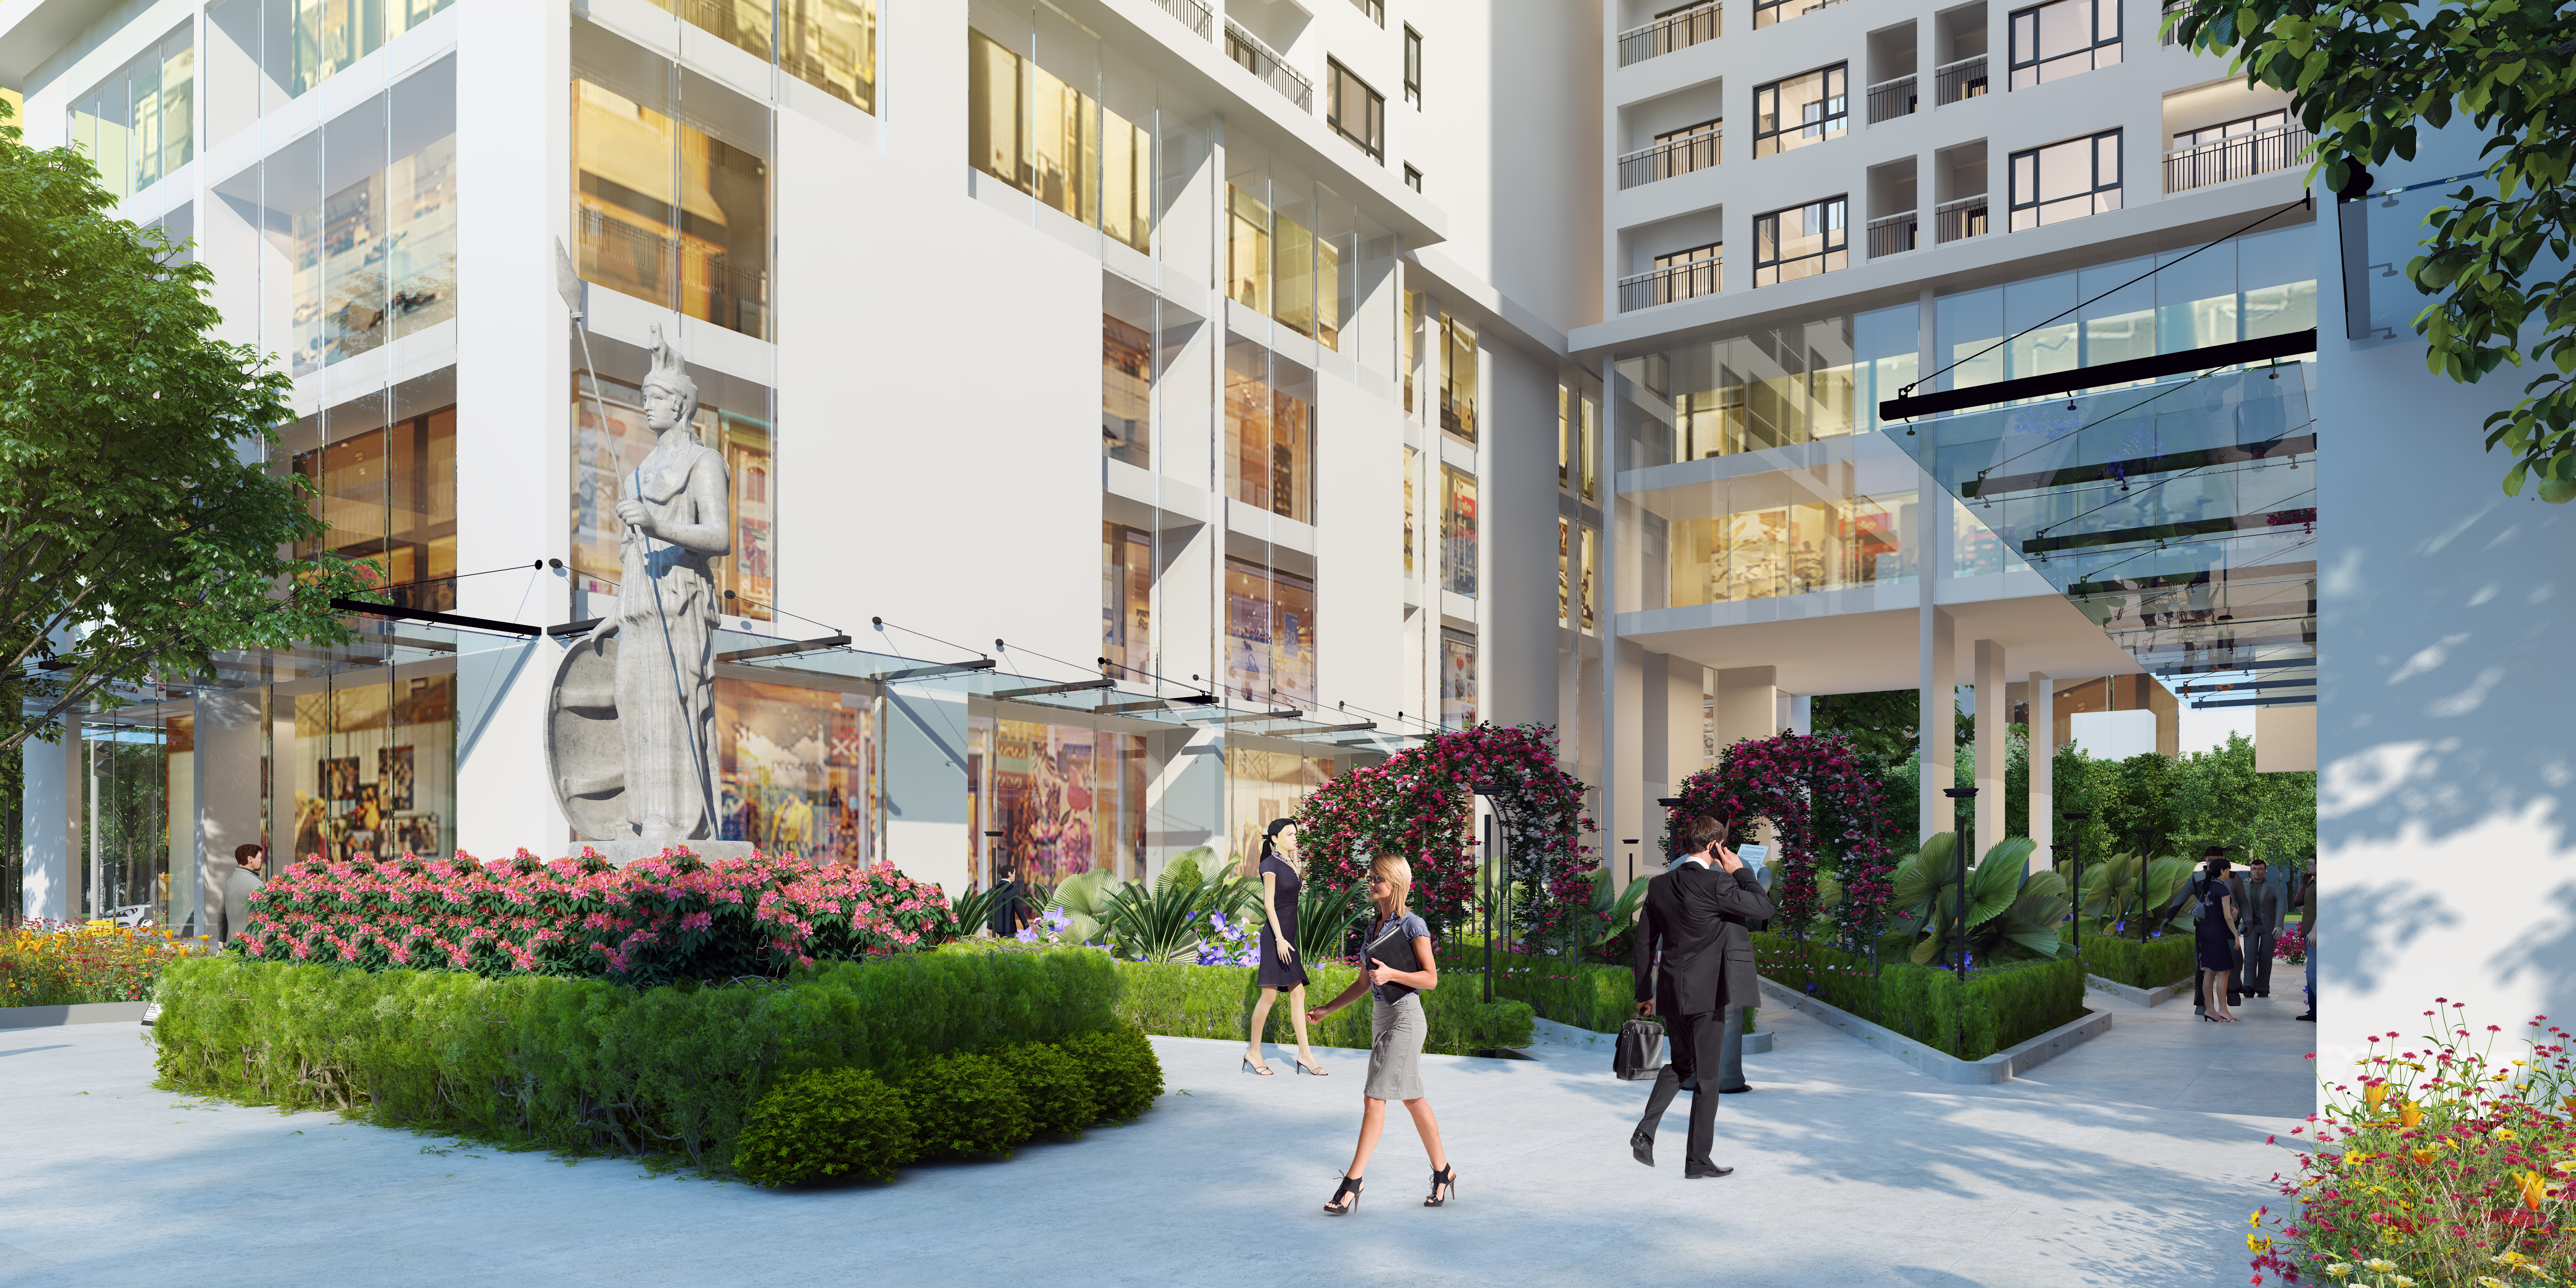 Yếu tố khiến chung cư Athena Complex Pháp Vân trở nên hút khách